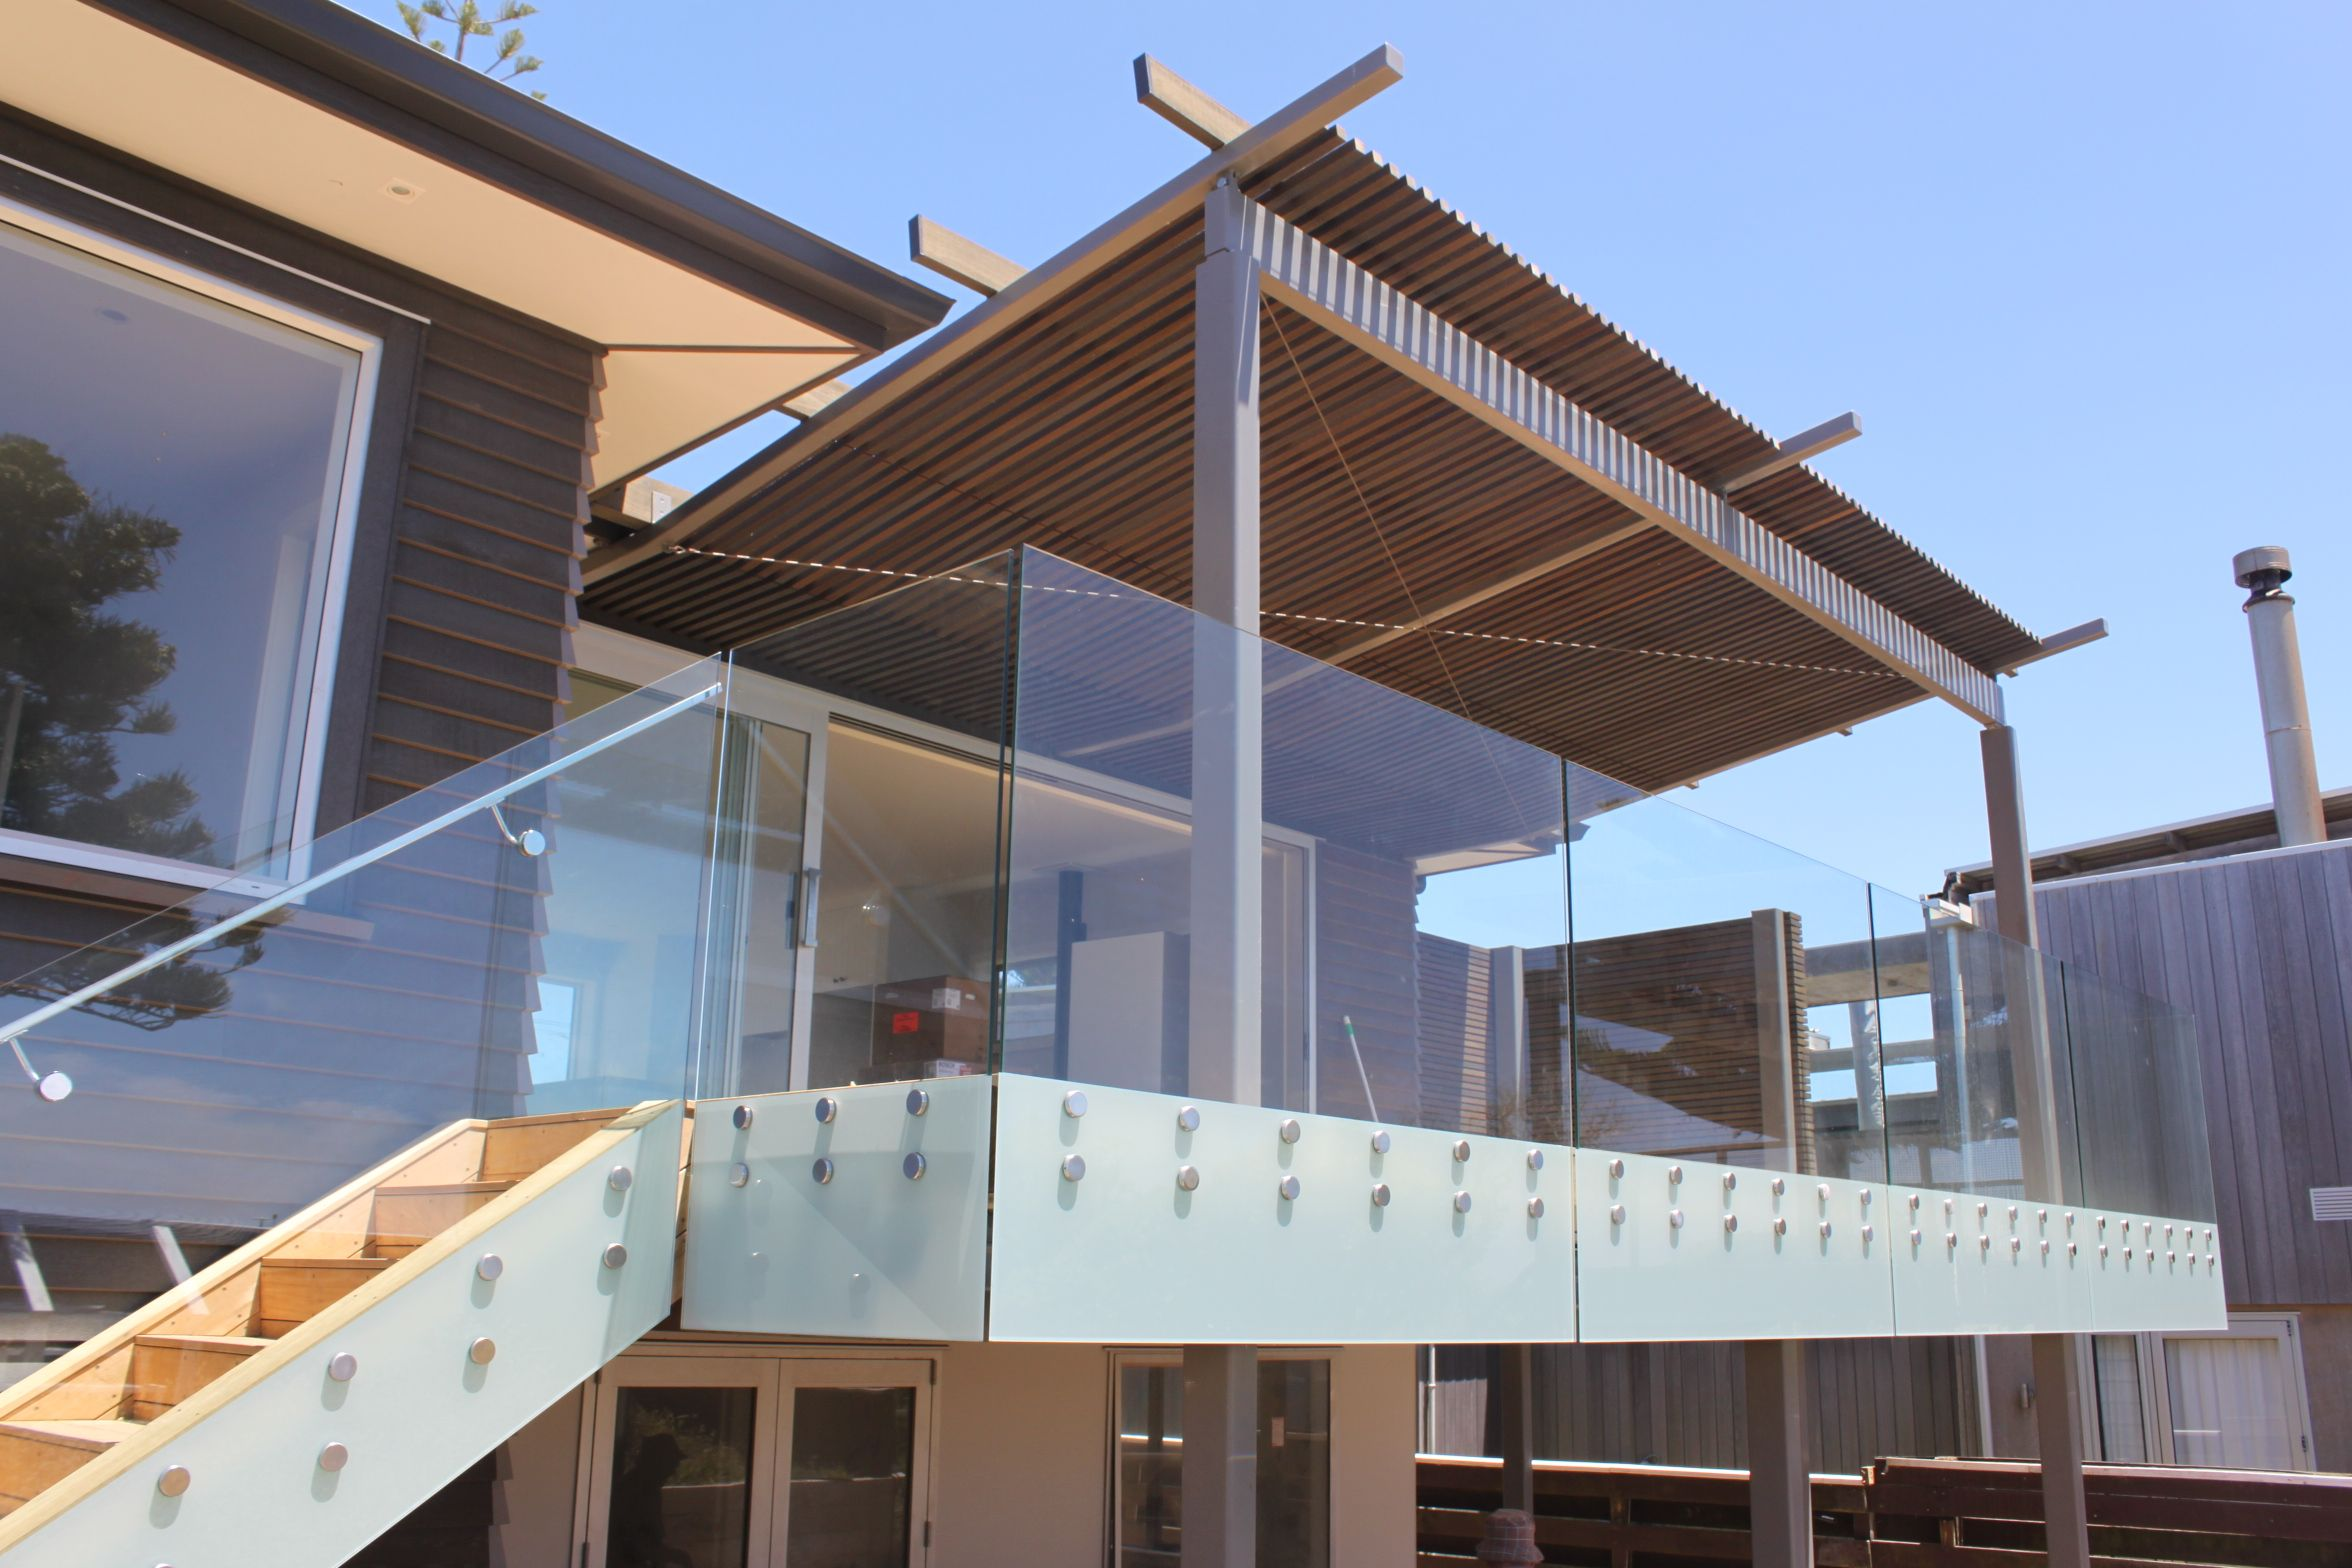 Frameless Glass Balustrade By Outdoor Edge Frameless Glass Balustrade Glass Porch Glass Balustrade